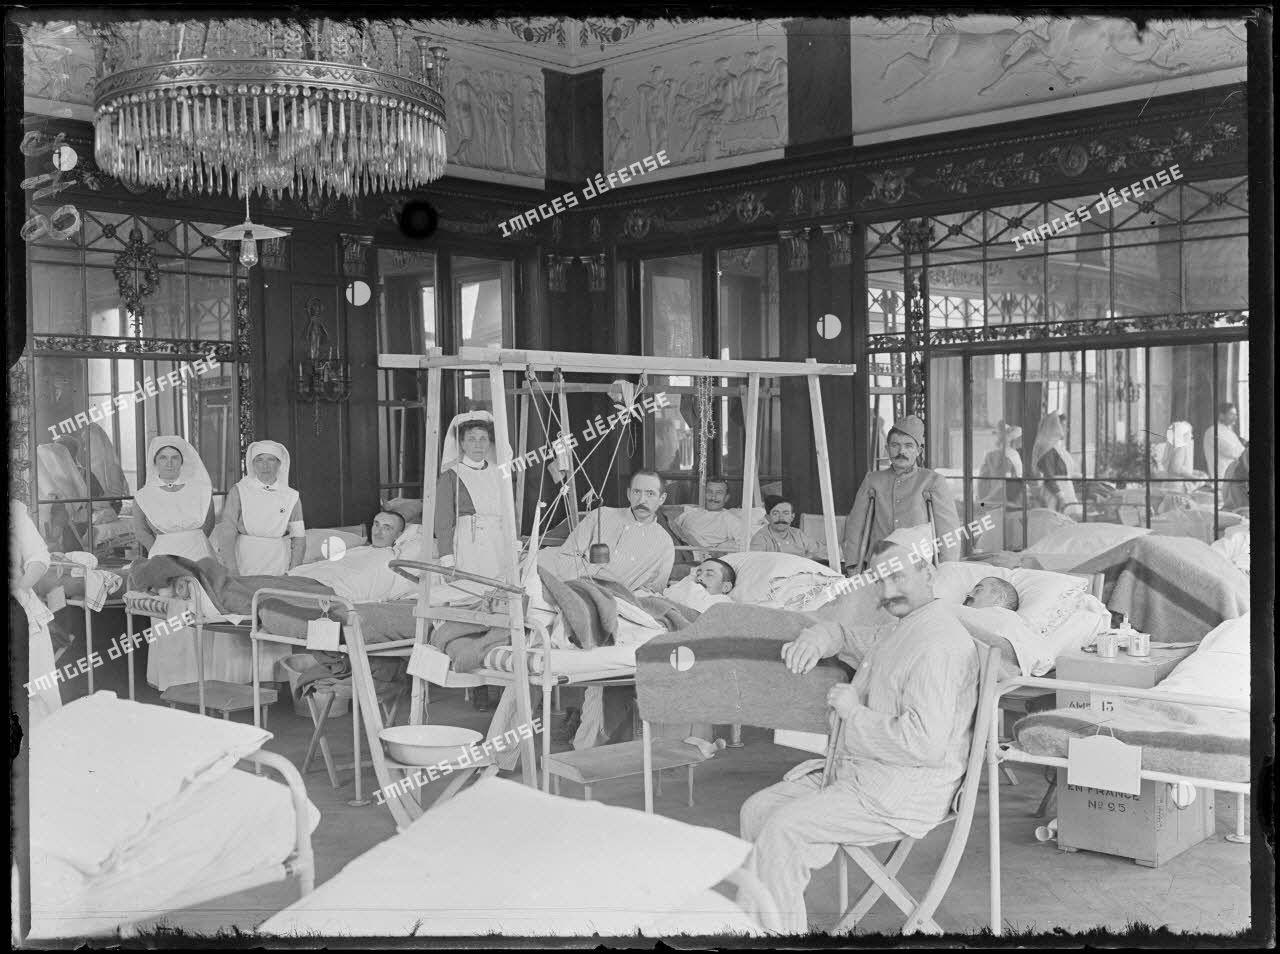 Paris. Hôpital hollandais du Pré Catelan. Aspect de la grande salle du rez-de-chaussée. [légende d'origine]